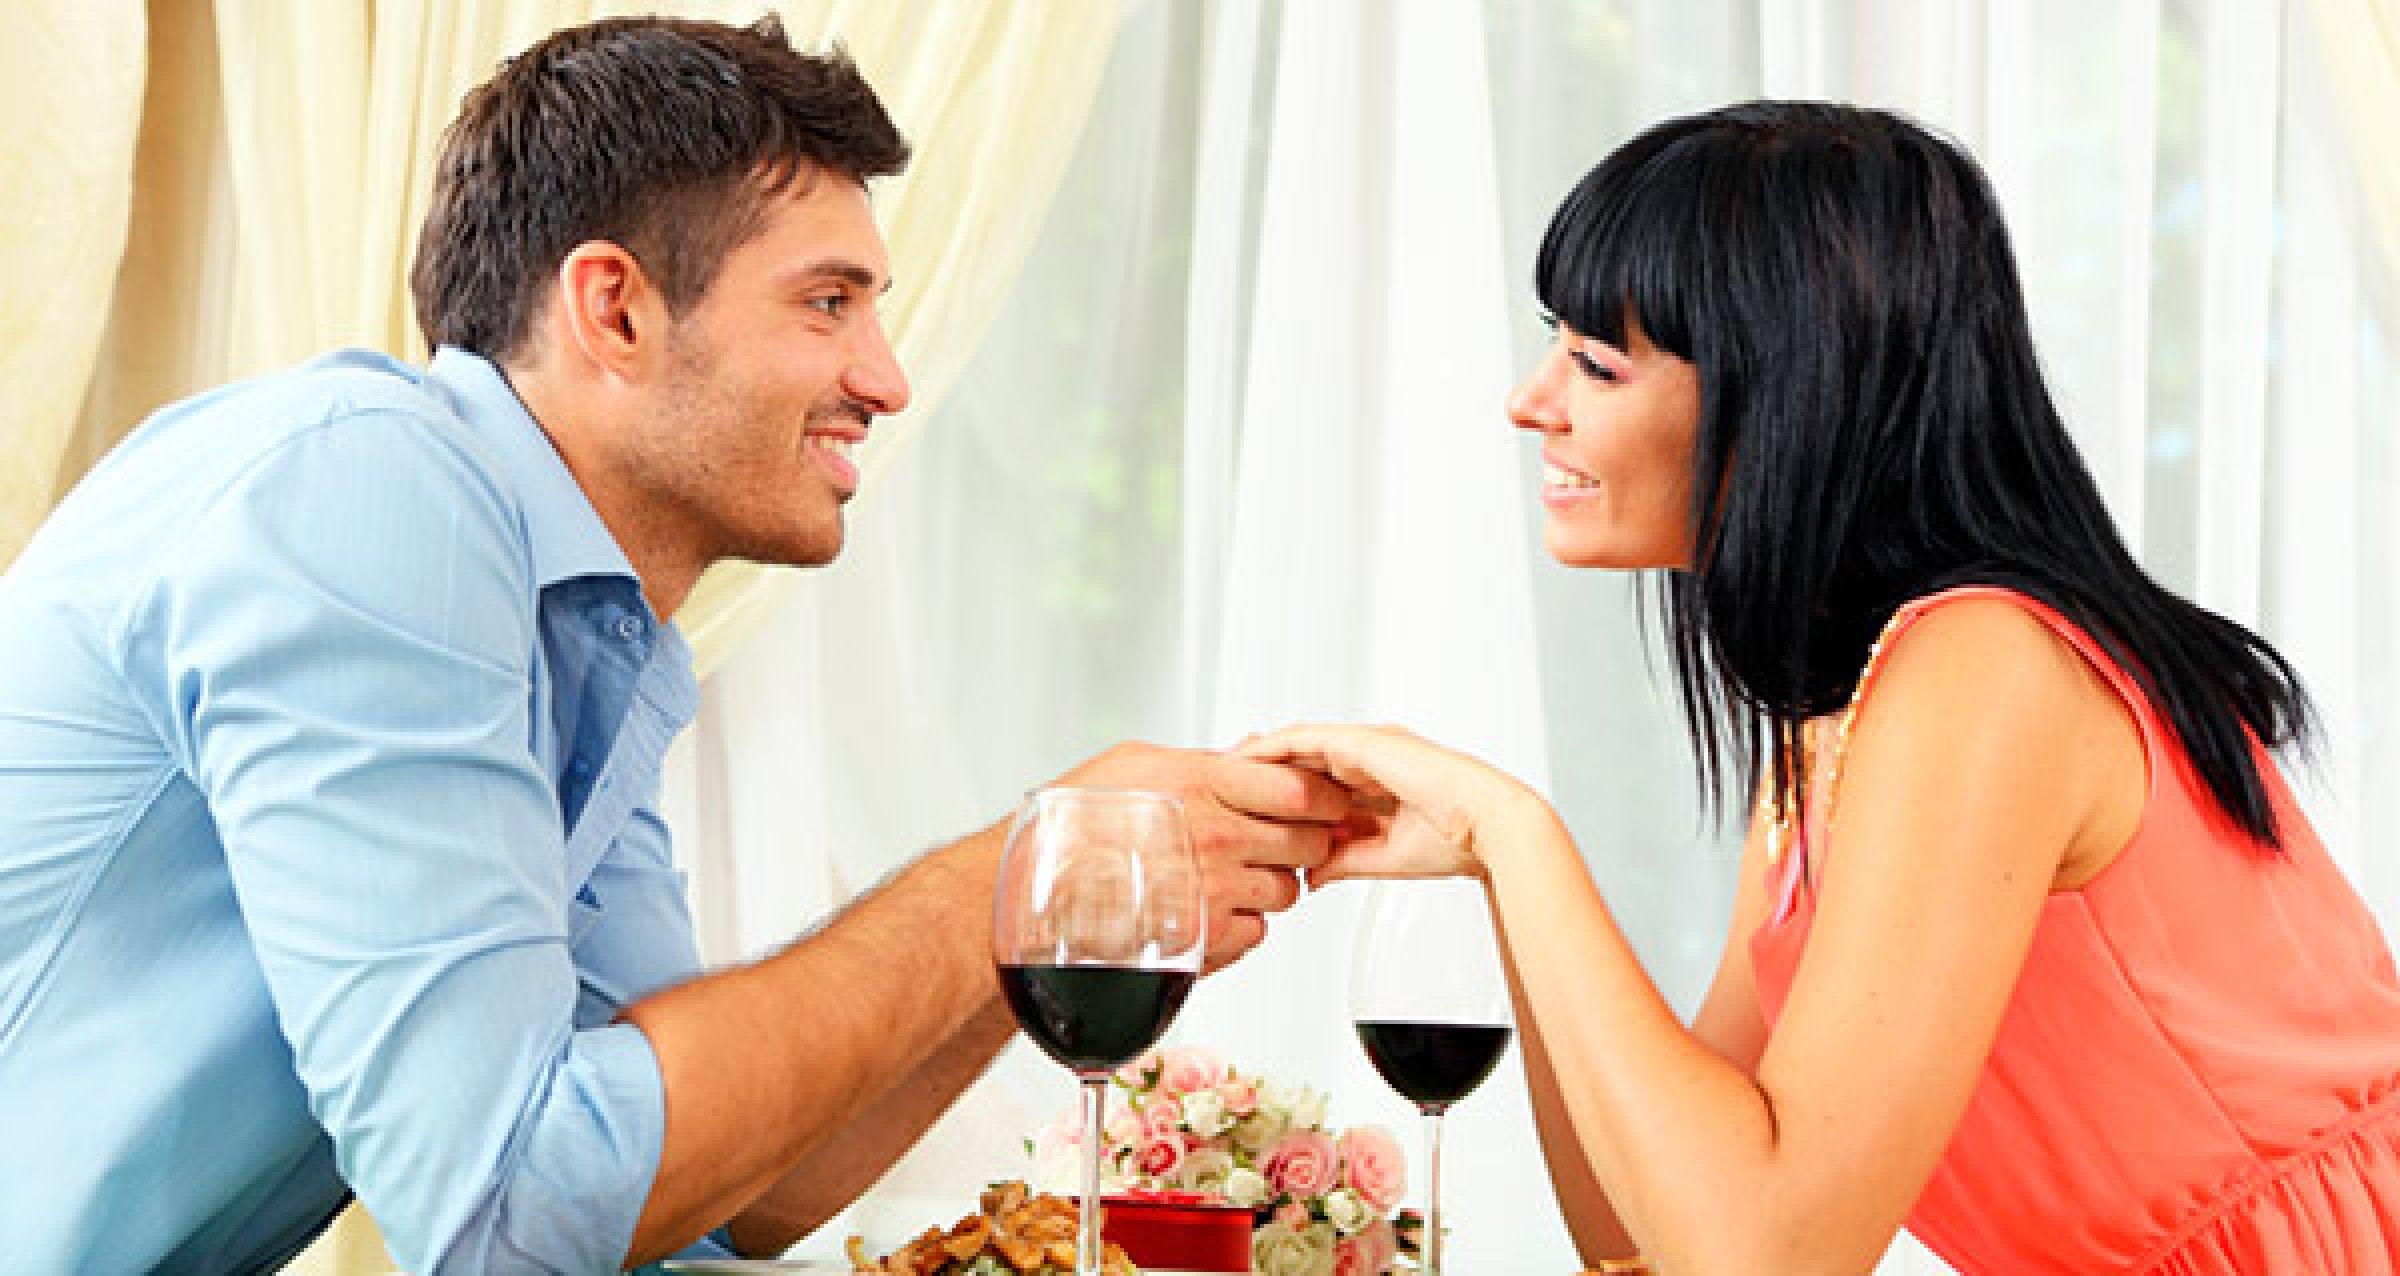 Что сделать, чтобы муж хотел жену? Много-хочу. ру 34